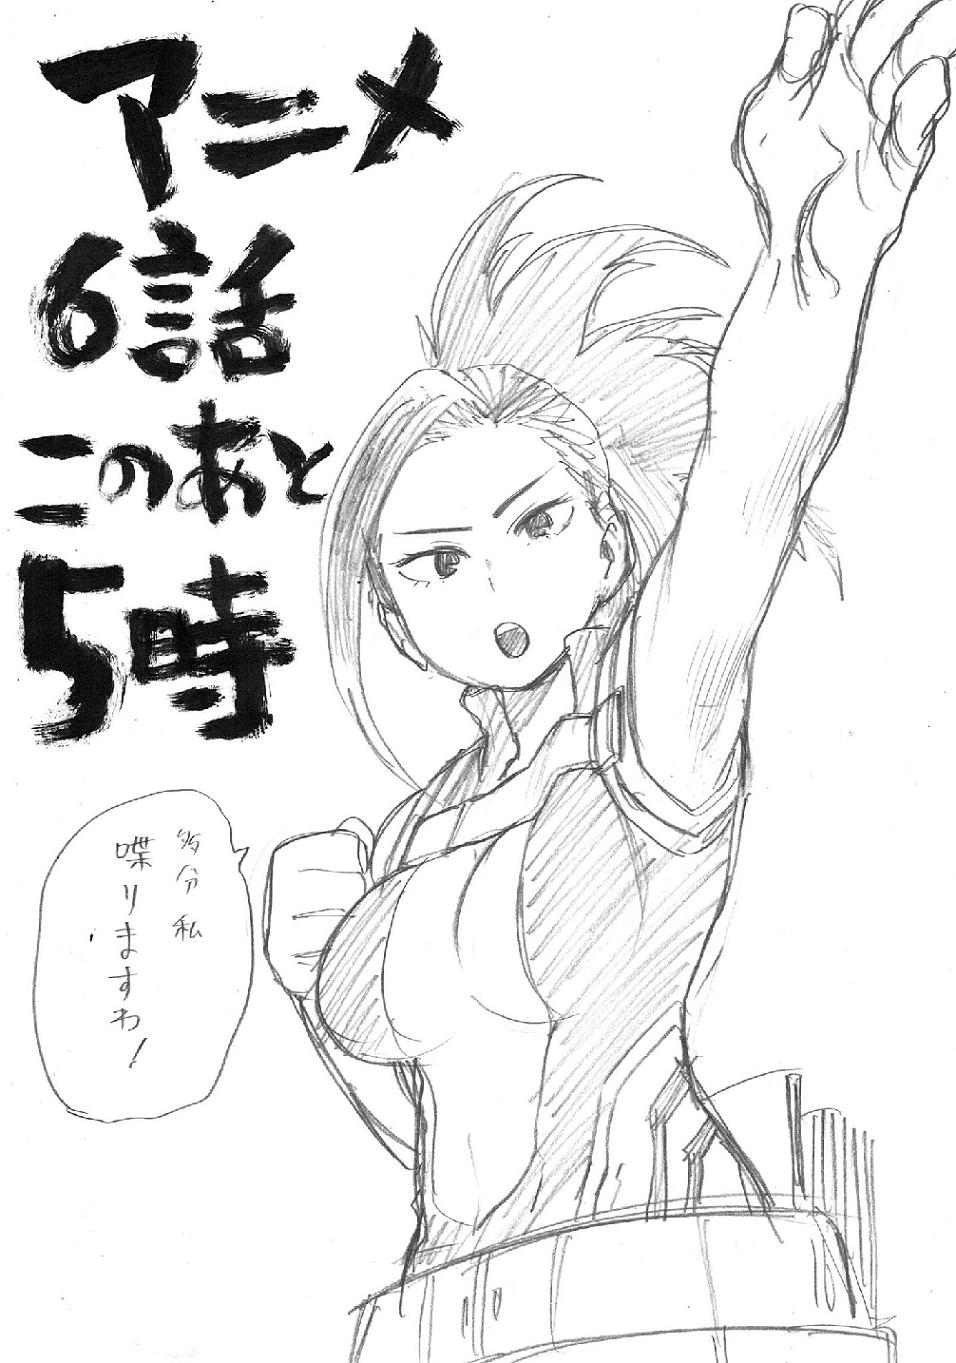 Episode 6 Sketch